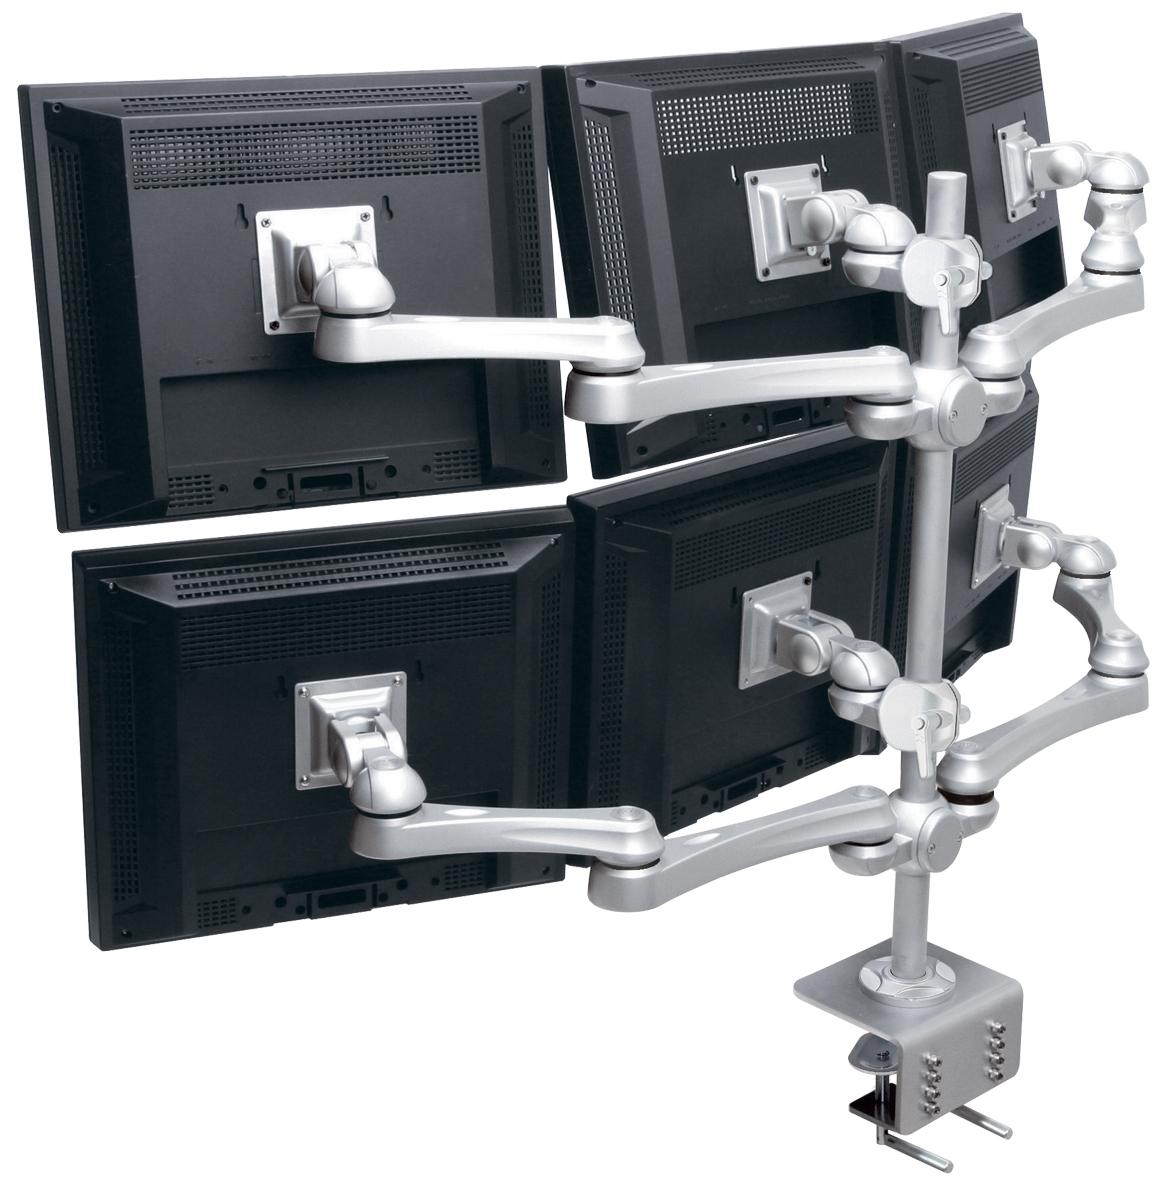 Desk Monitor Stand - Hexa Monitor Arm LA-518-1